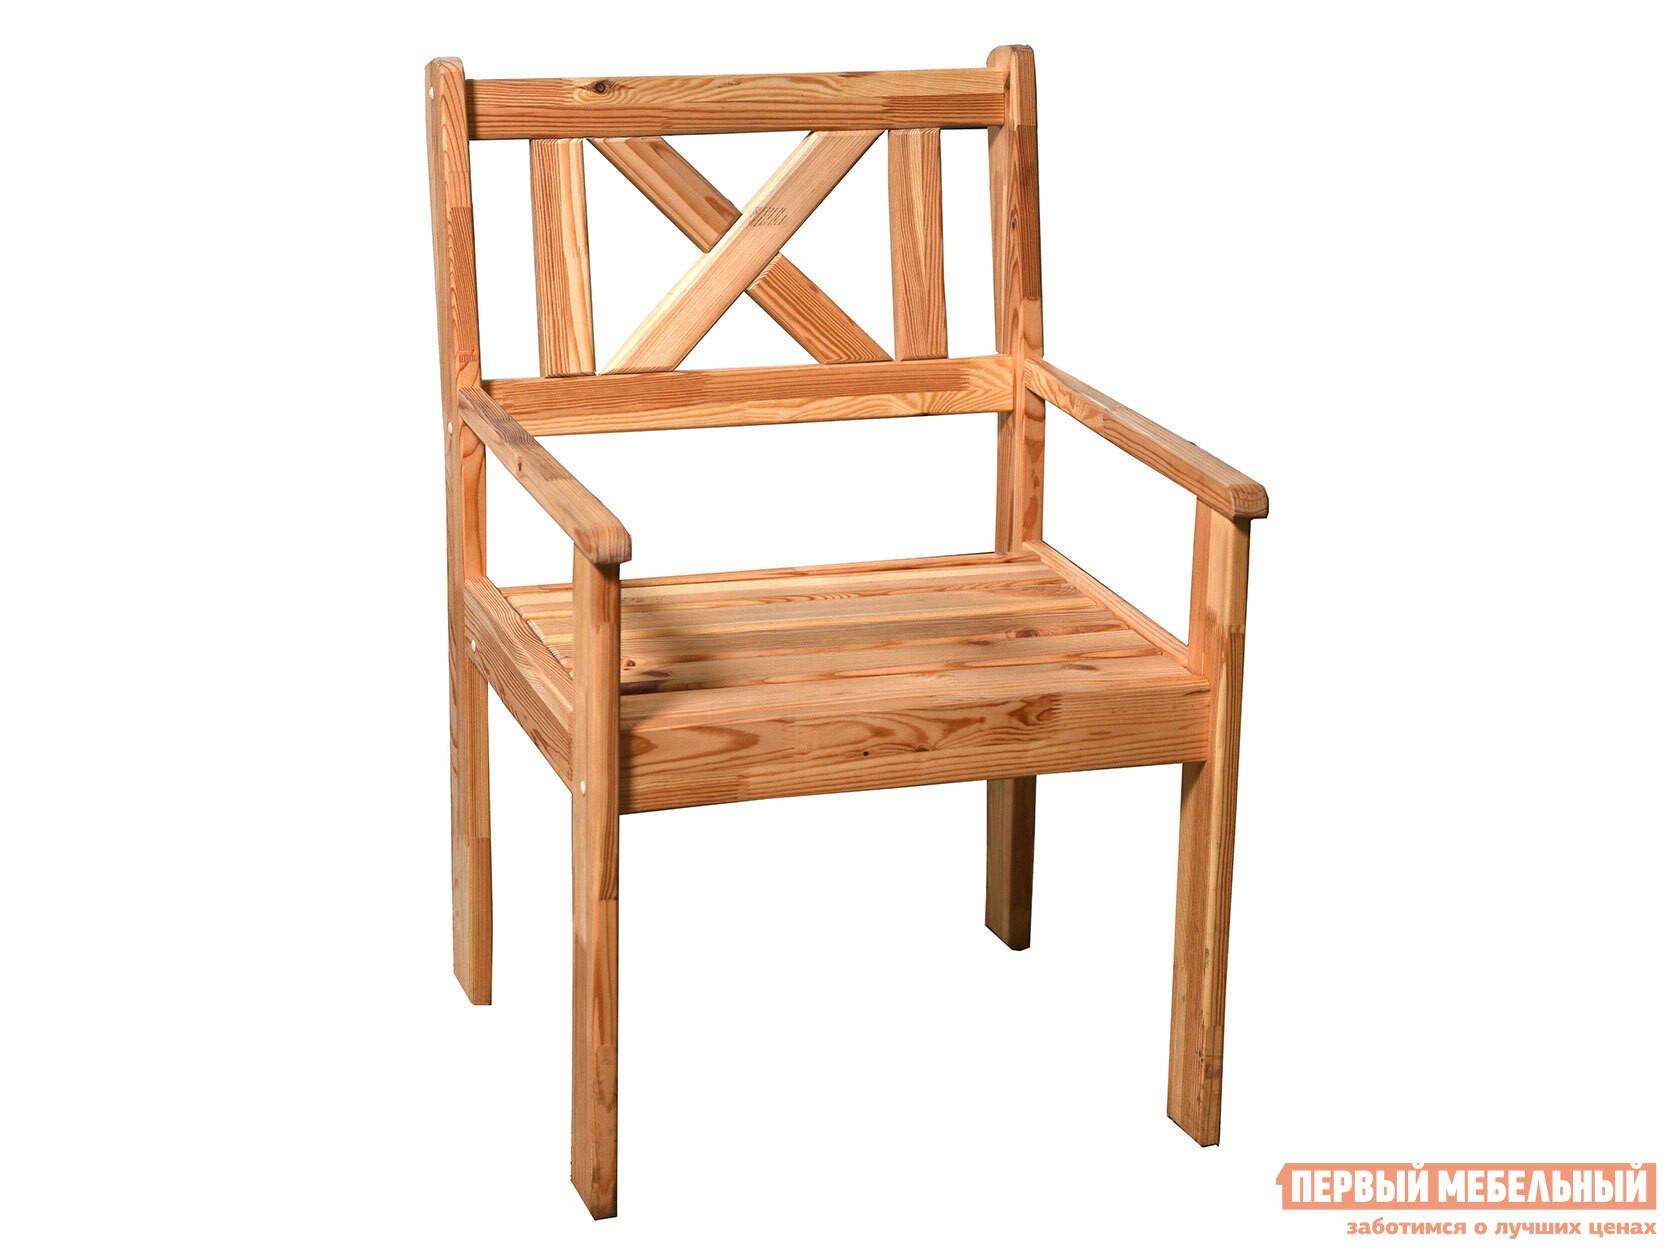 Кресло Бел Мебельторг Кресло МД 893-03 кресло для пикника бел мебельторг 81а с565 кресло складное фольварк мягкое